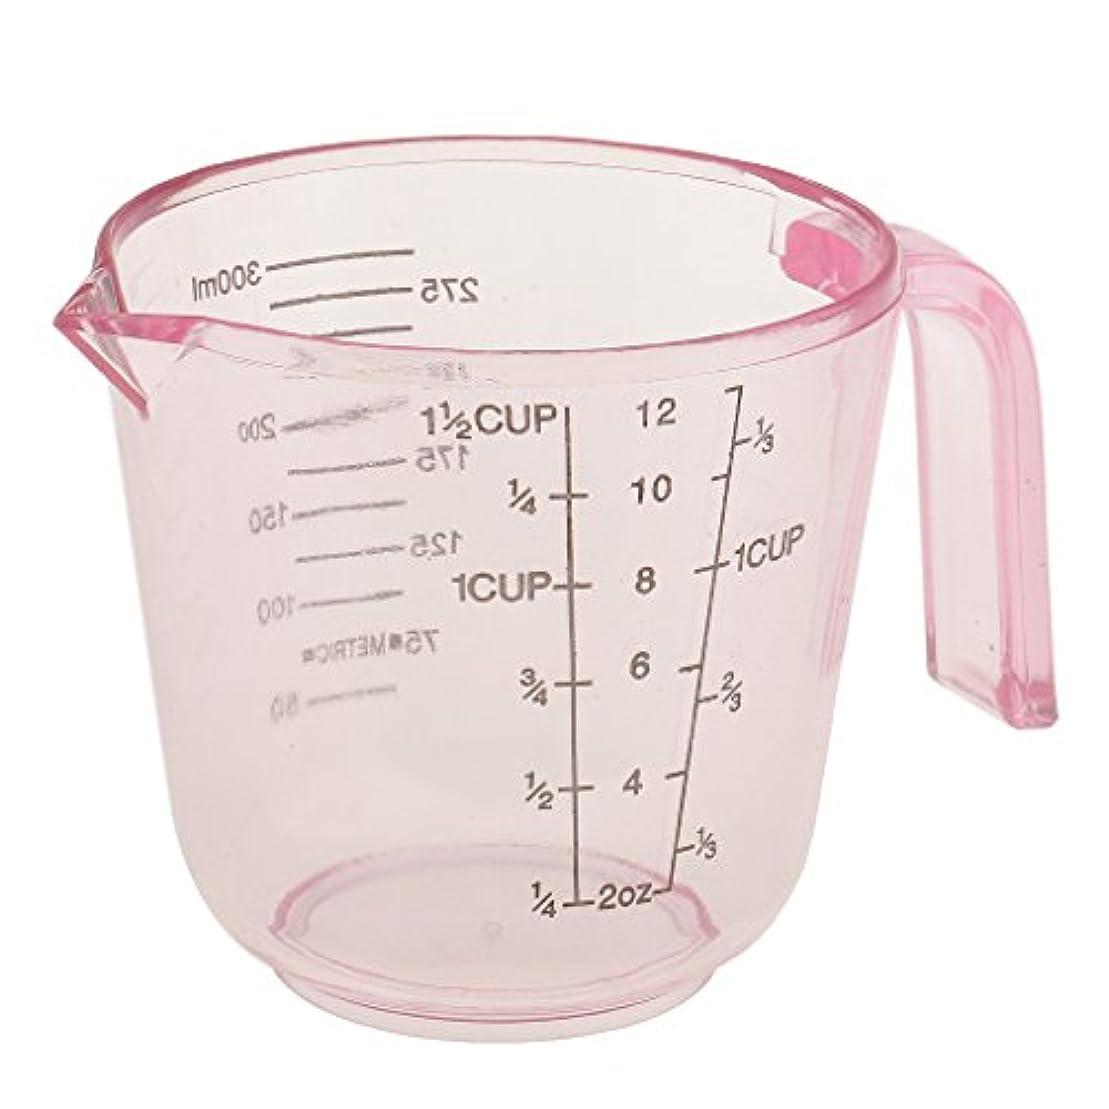 吸収グレートオーク価値Perfk 計量カップ 多機能 プラスチック製 サロン ヘアカラー 髪染め 測定用 全3色選べ - ピンク